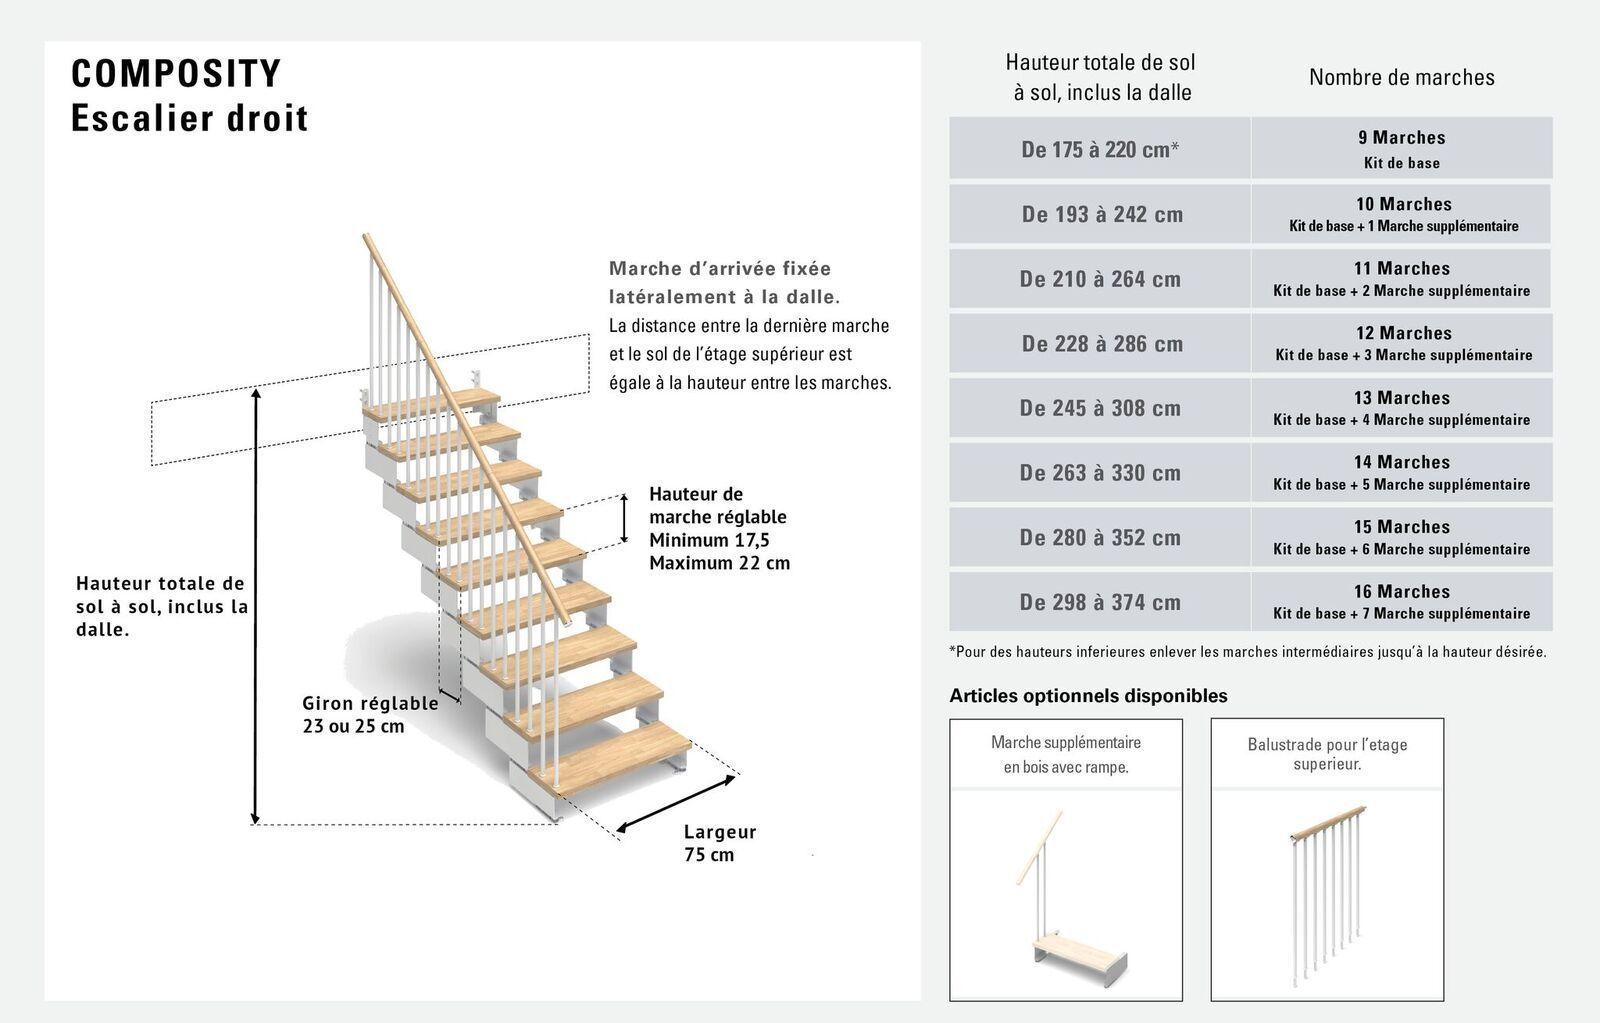 Largeur D Une Marche D Escalier escalier droit 9 marches en bois massif naturel - structure